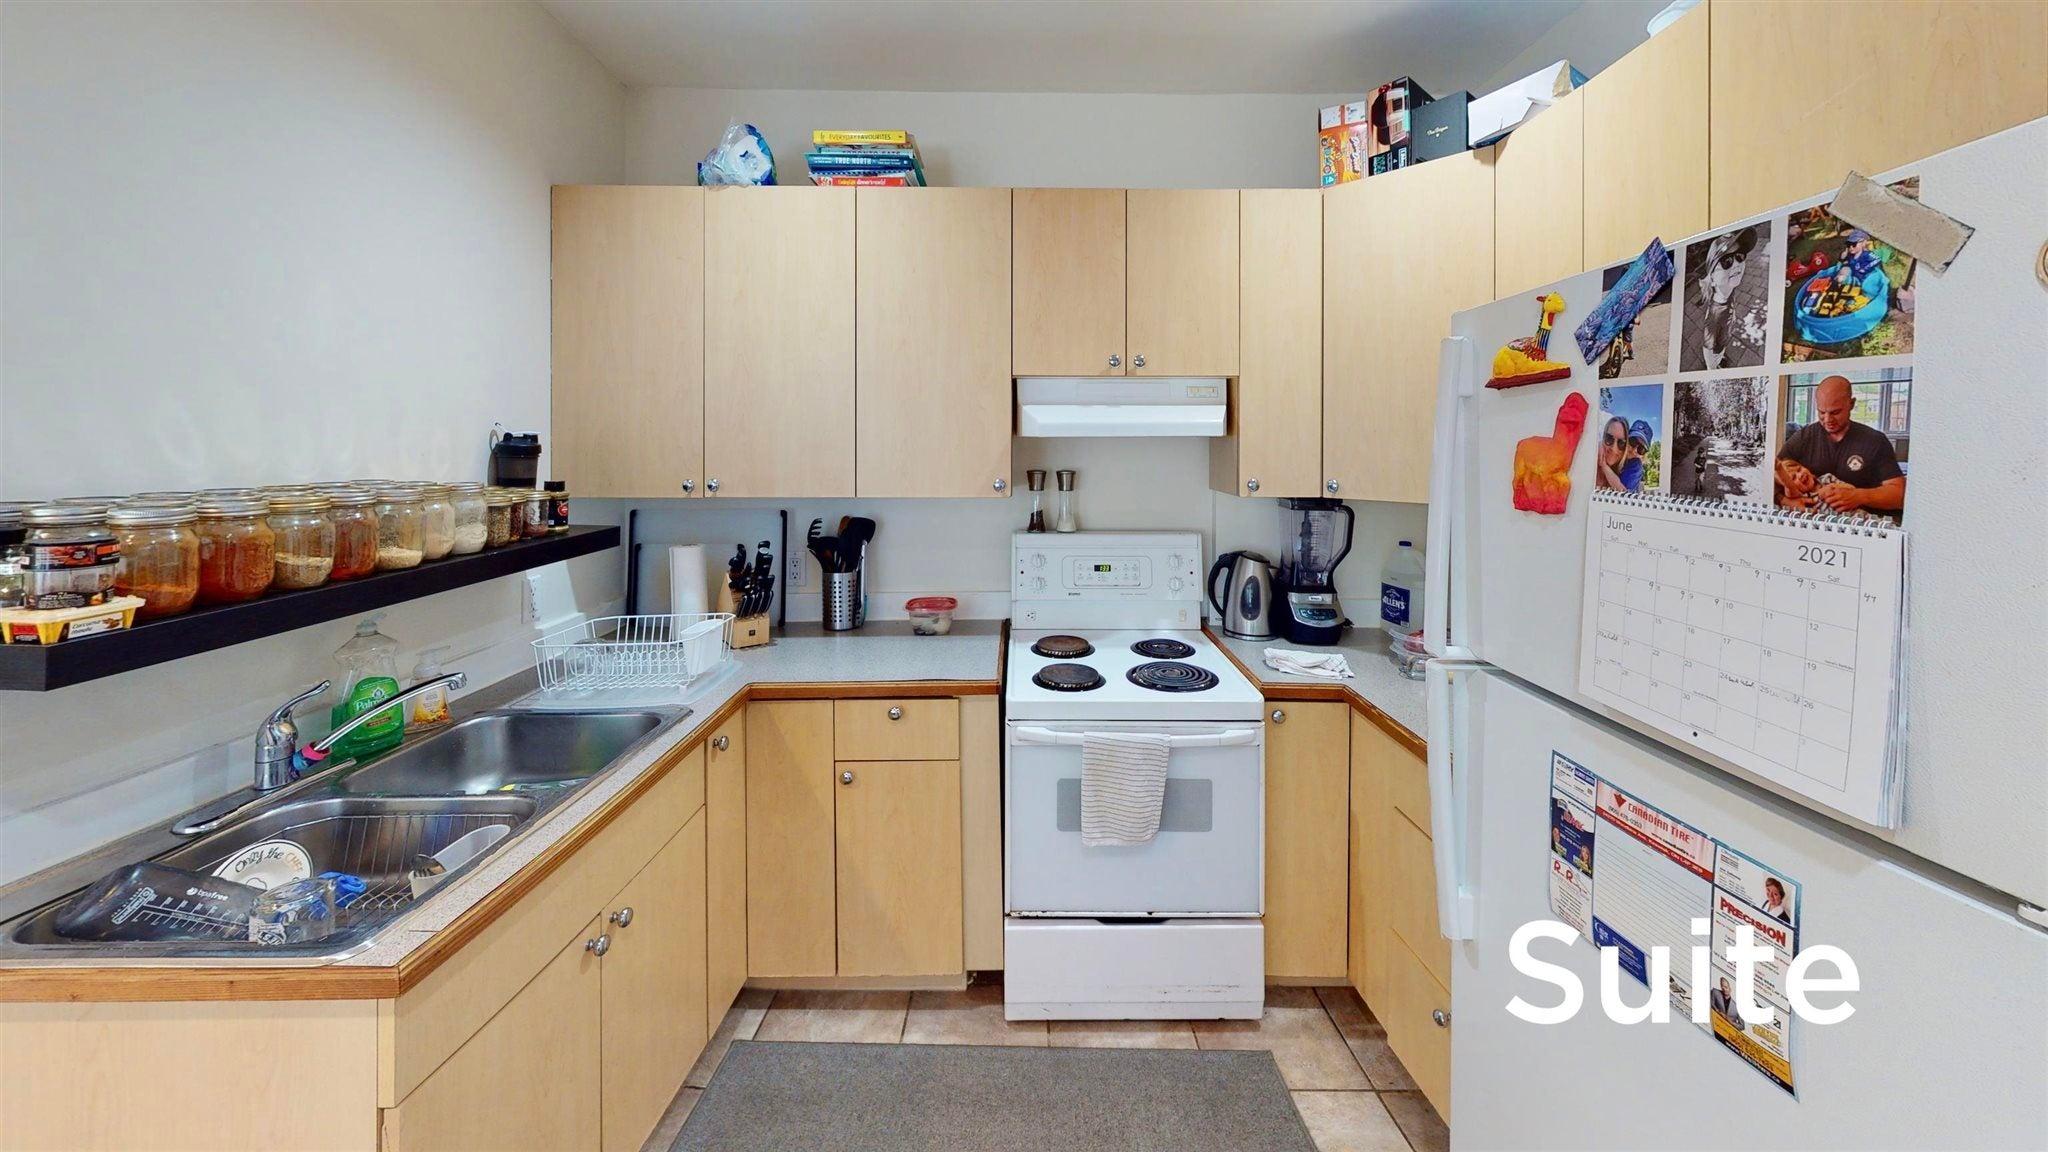 50 2322 CAYLEY CLOSE - Bayshores 1/2 Duplex for sale, 4 Bedrooms (R2599293) - #11